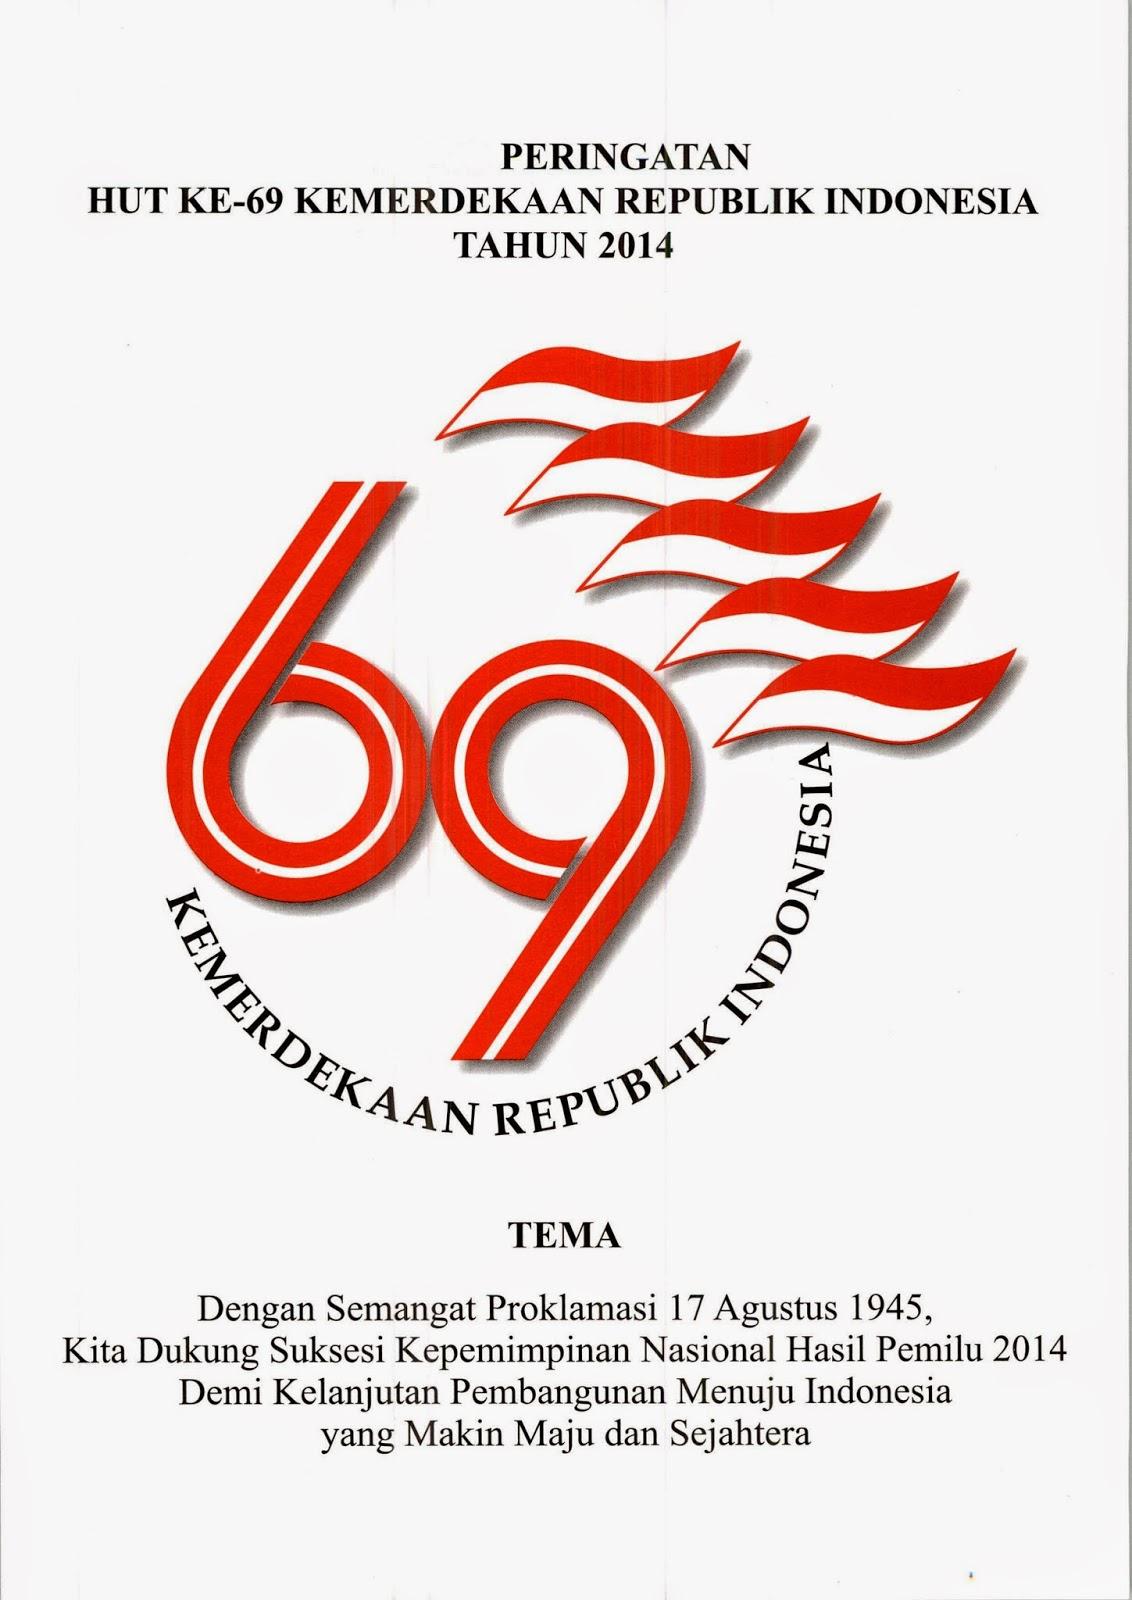 Kata Kata Mutiara Hari Kemerdekaan RI Ke 70 Untuk 17 Agustus 1945